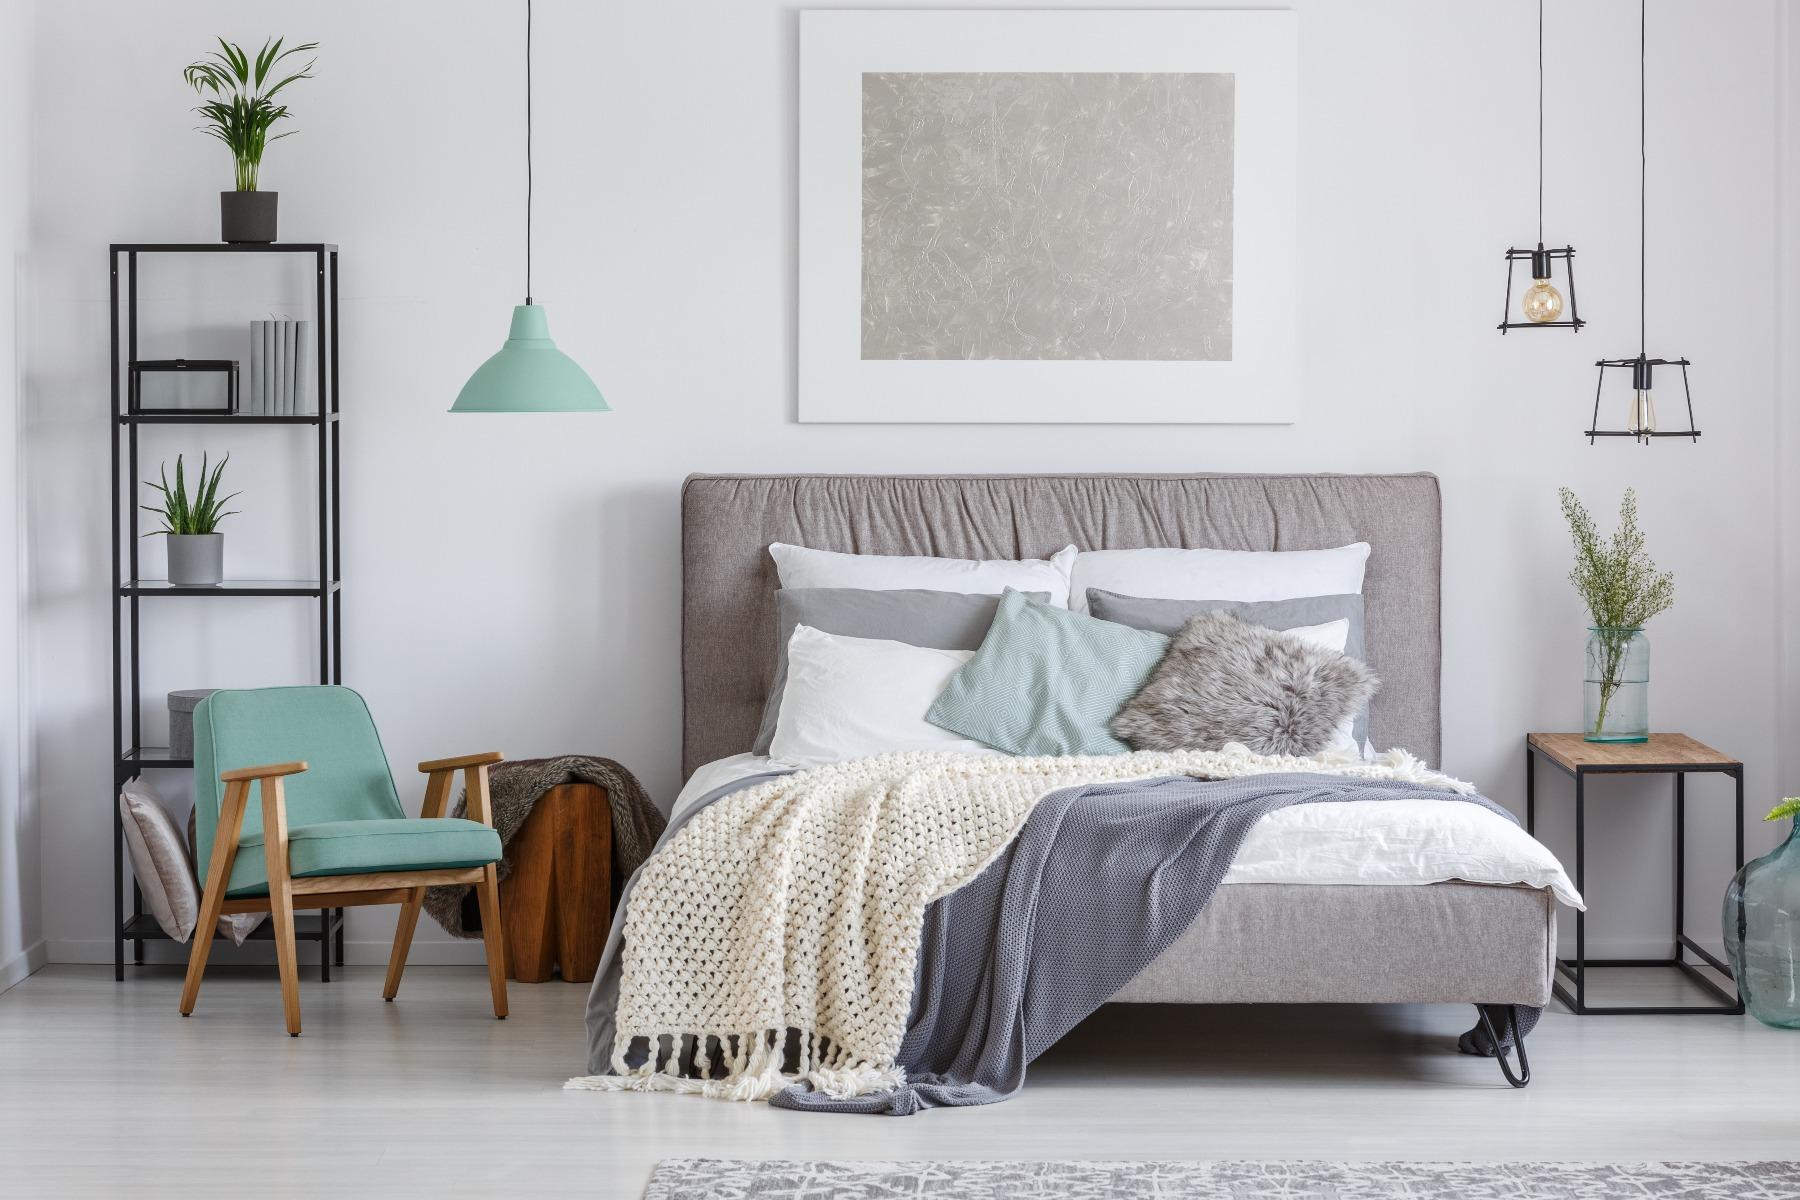 Das Bild zeigt ein Schlafzimmer im skandinavischen Stil.